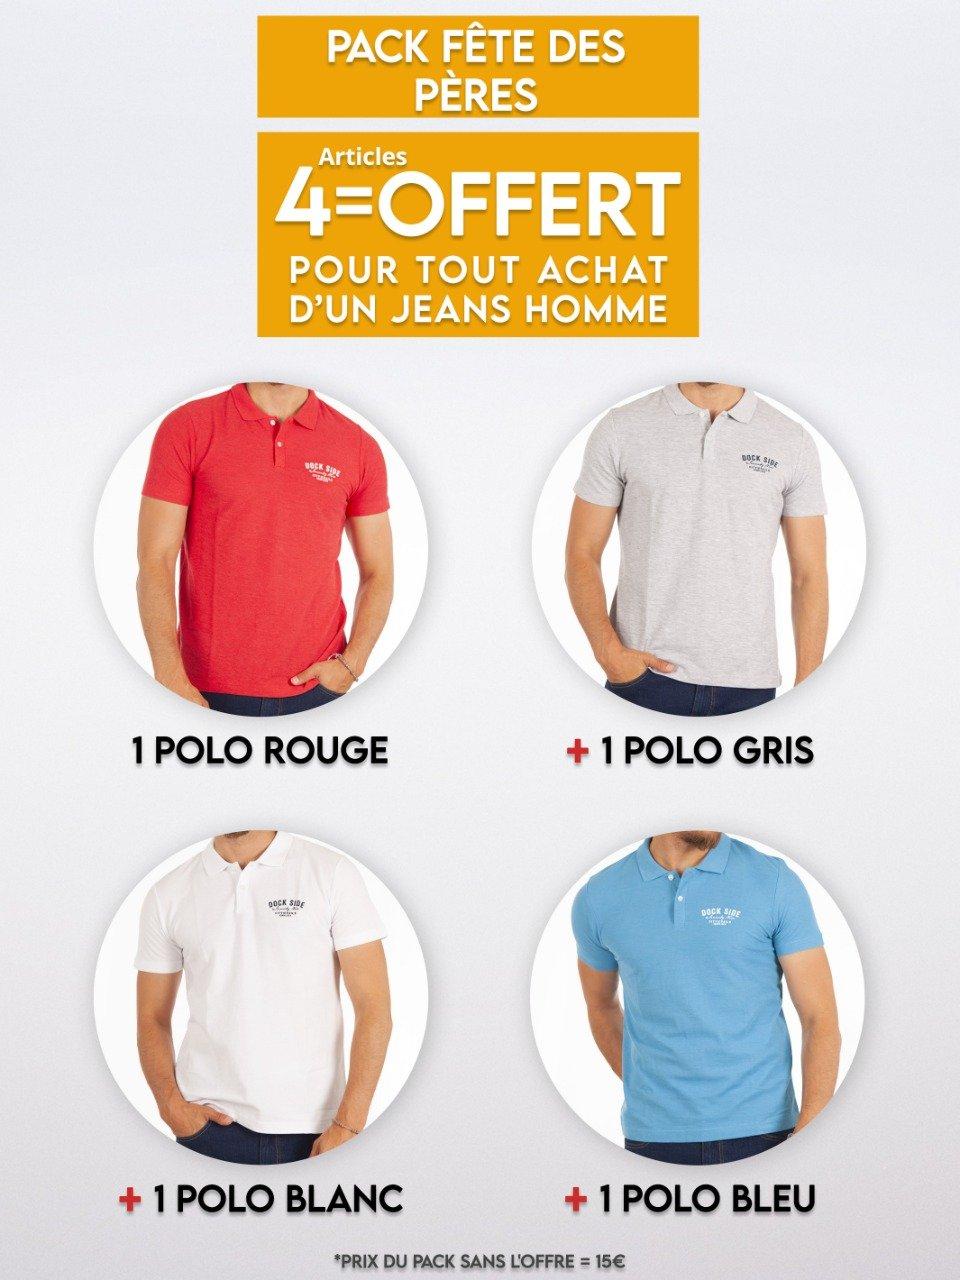 1 jeans acheté = 4 polos offerts (Différents coloris) - complices.com frais de port offerts dès 50 €